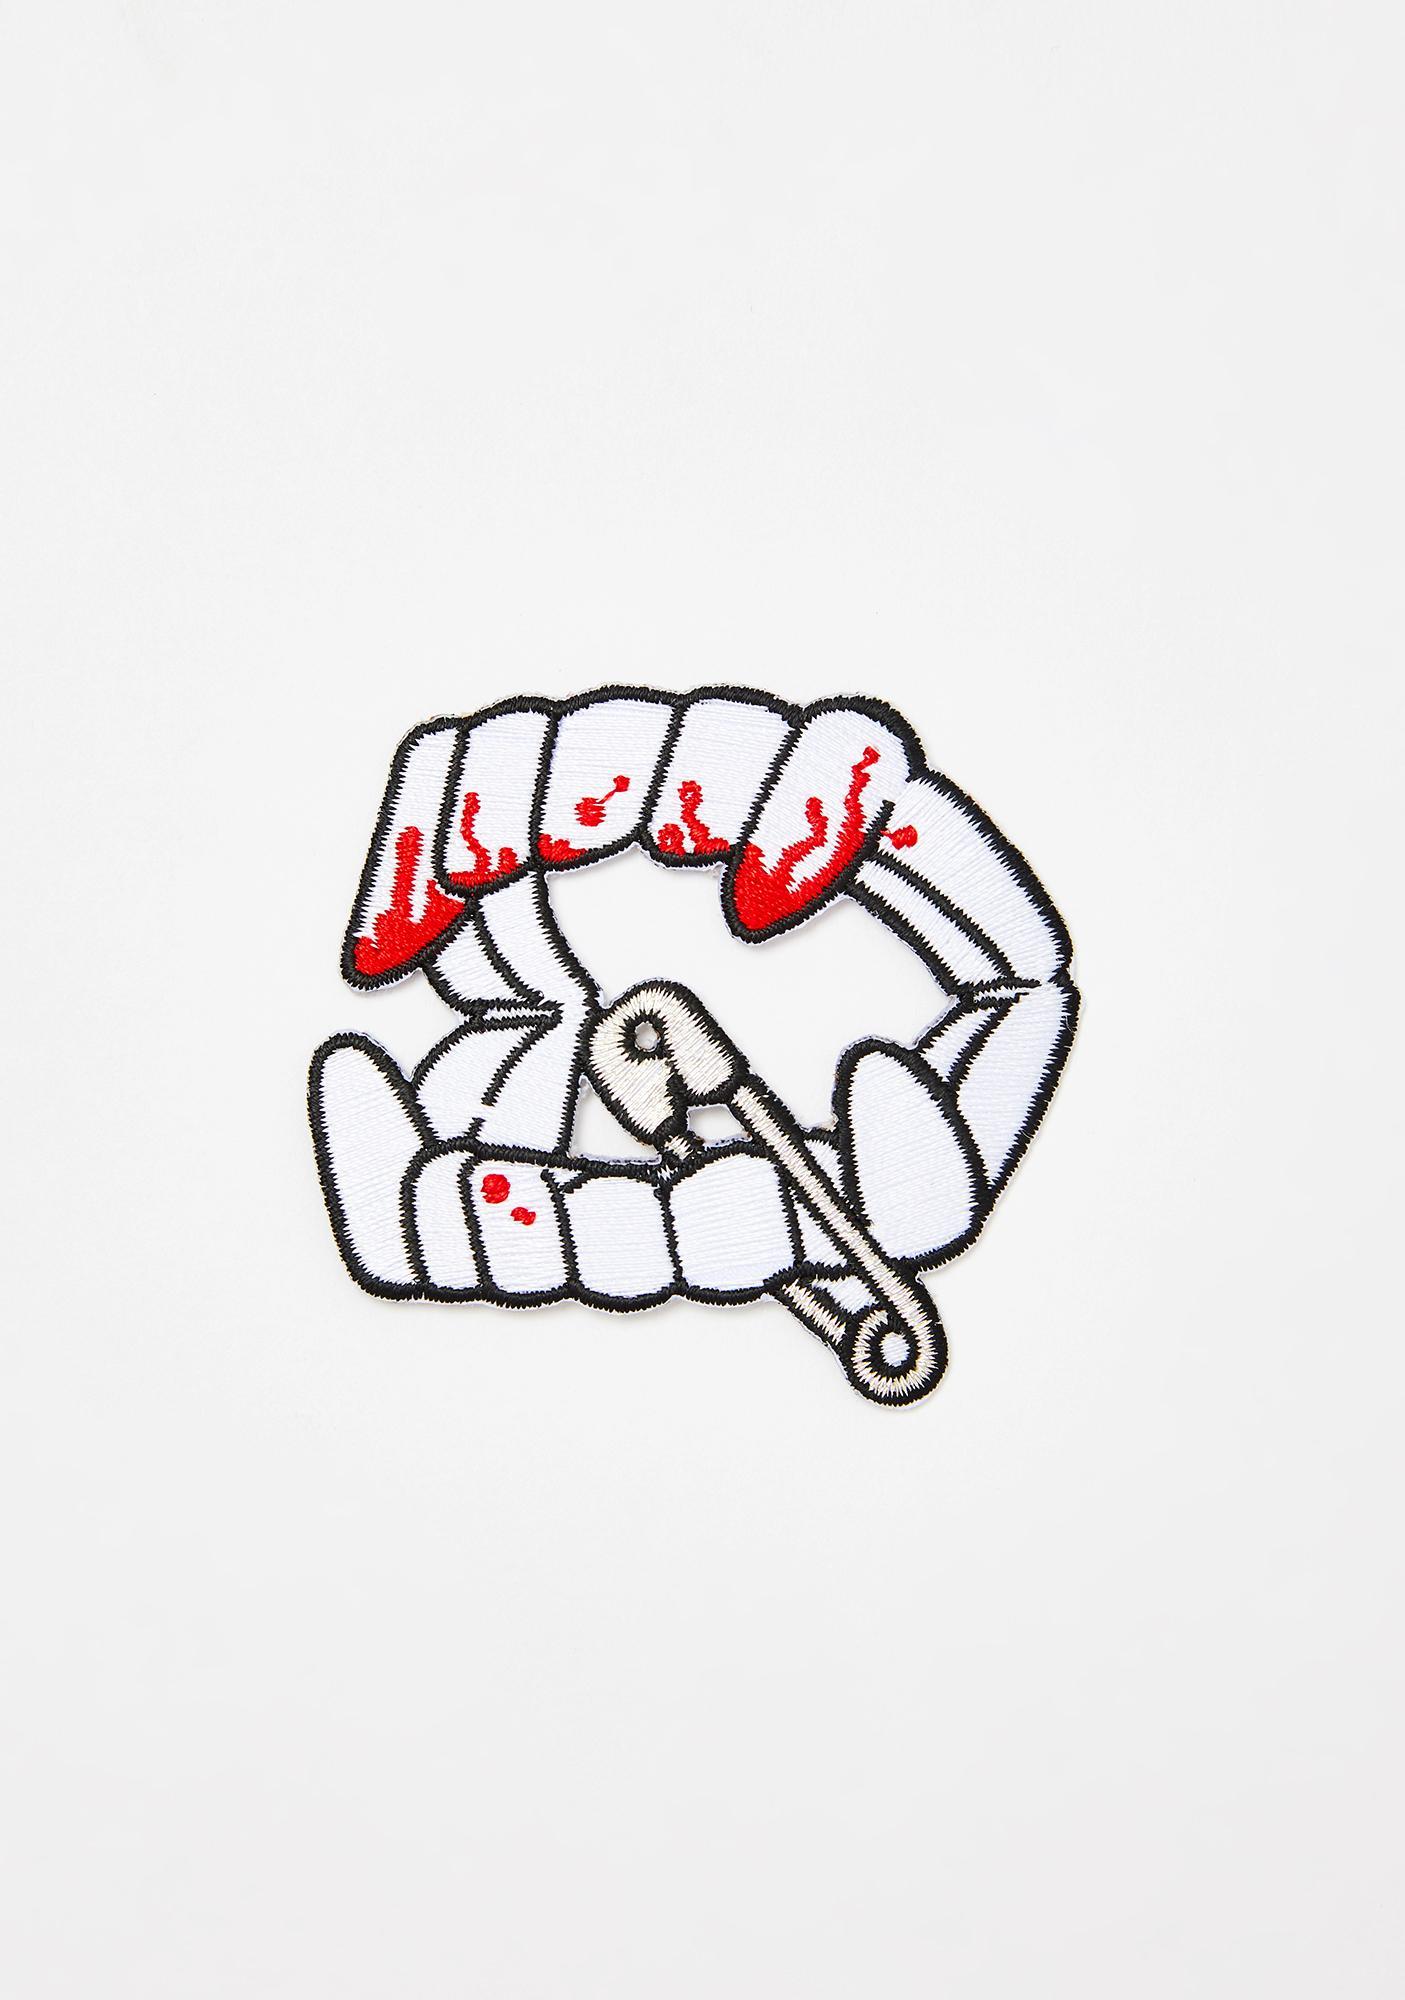 Kreepsville 666 Vamp Teeth Patch